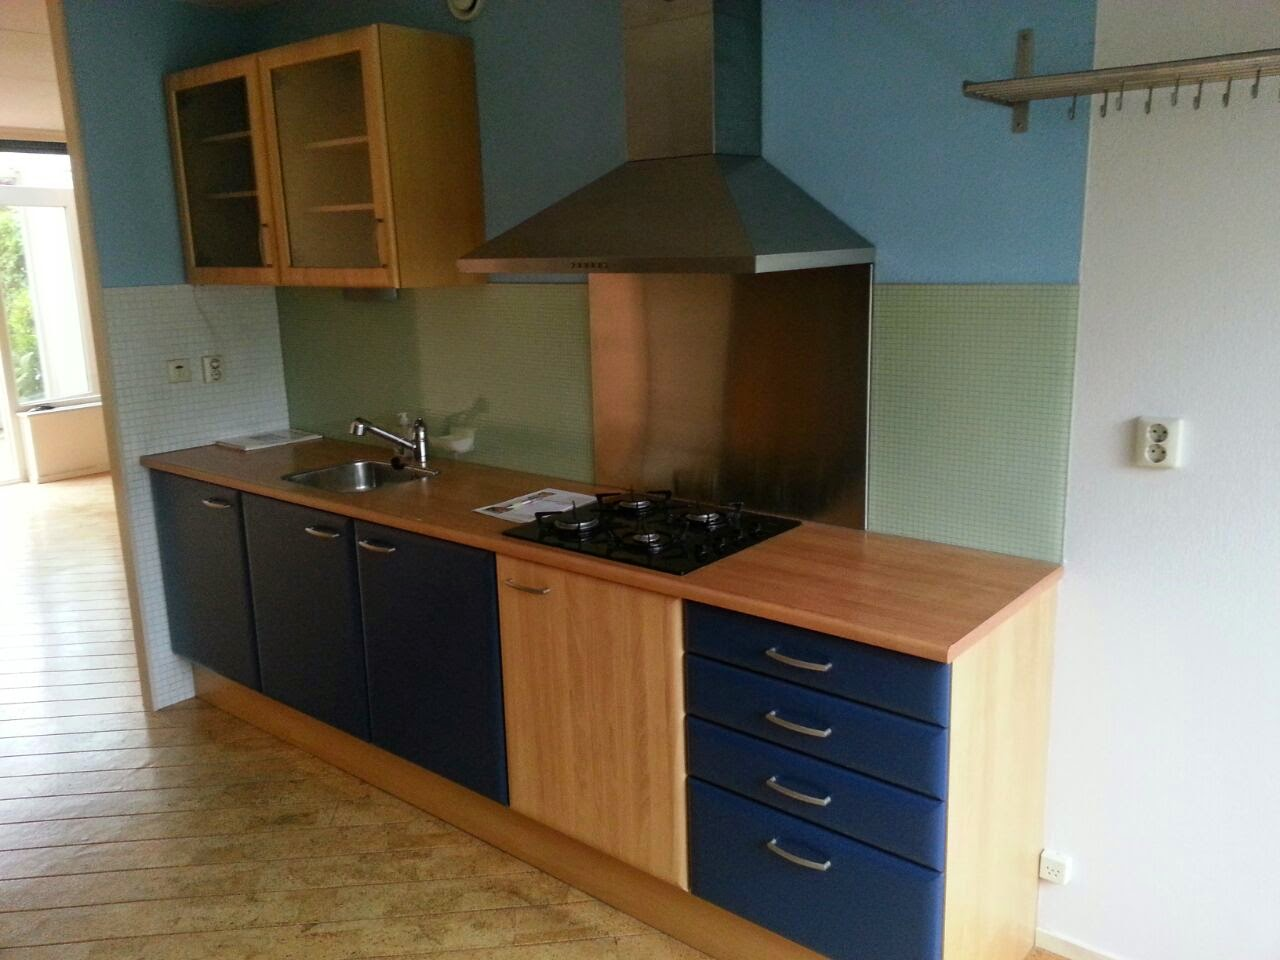 Keuken Grijs Blauw : Keuken ? Blauw/beuken naar Mat wit, inclusief metallic grijs